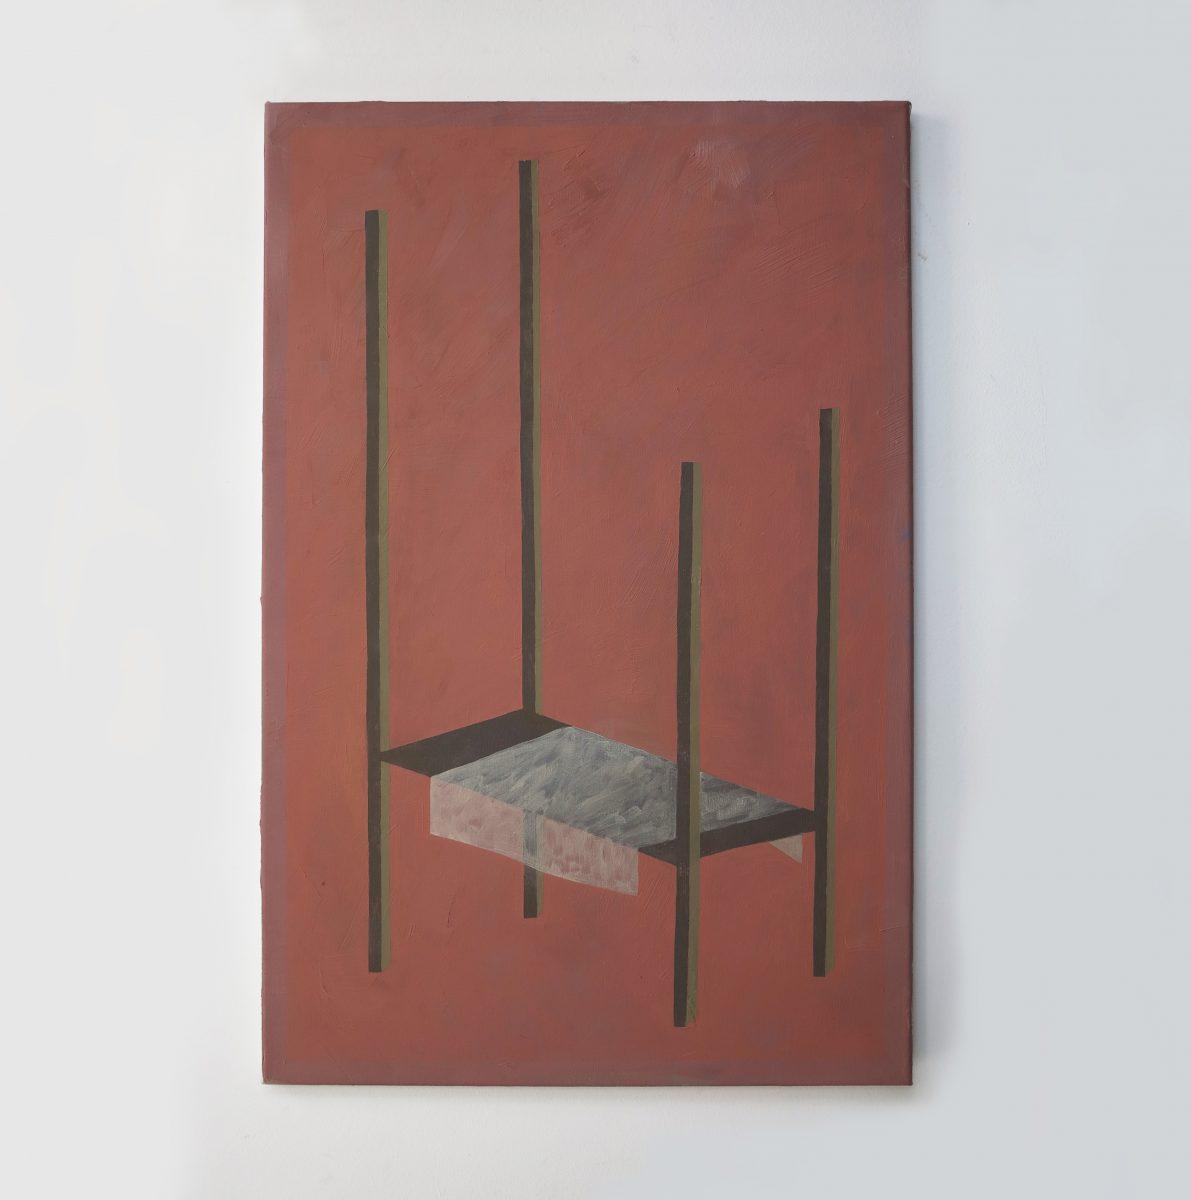 Nina Silverberg, Pink Bed, 2021